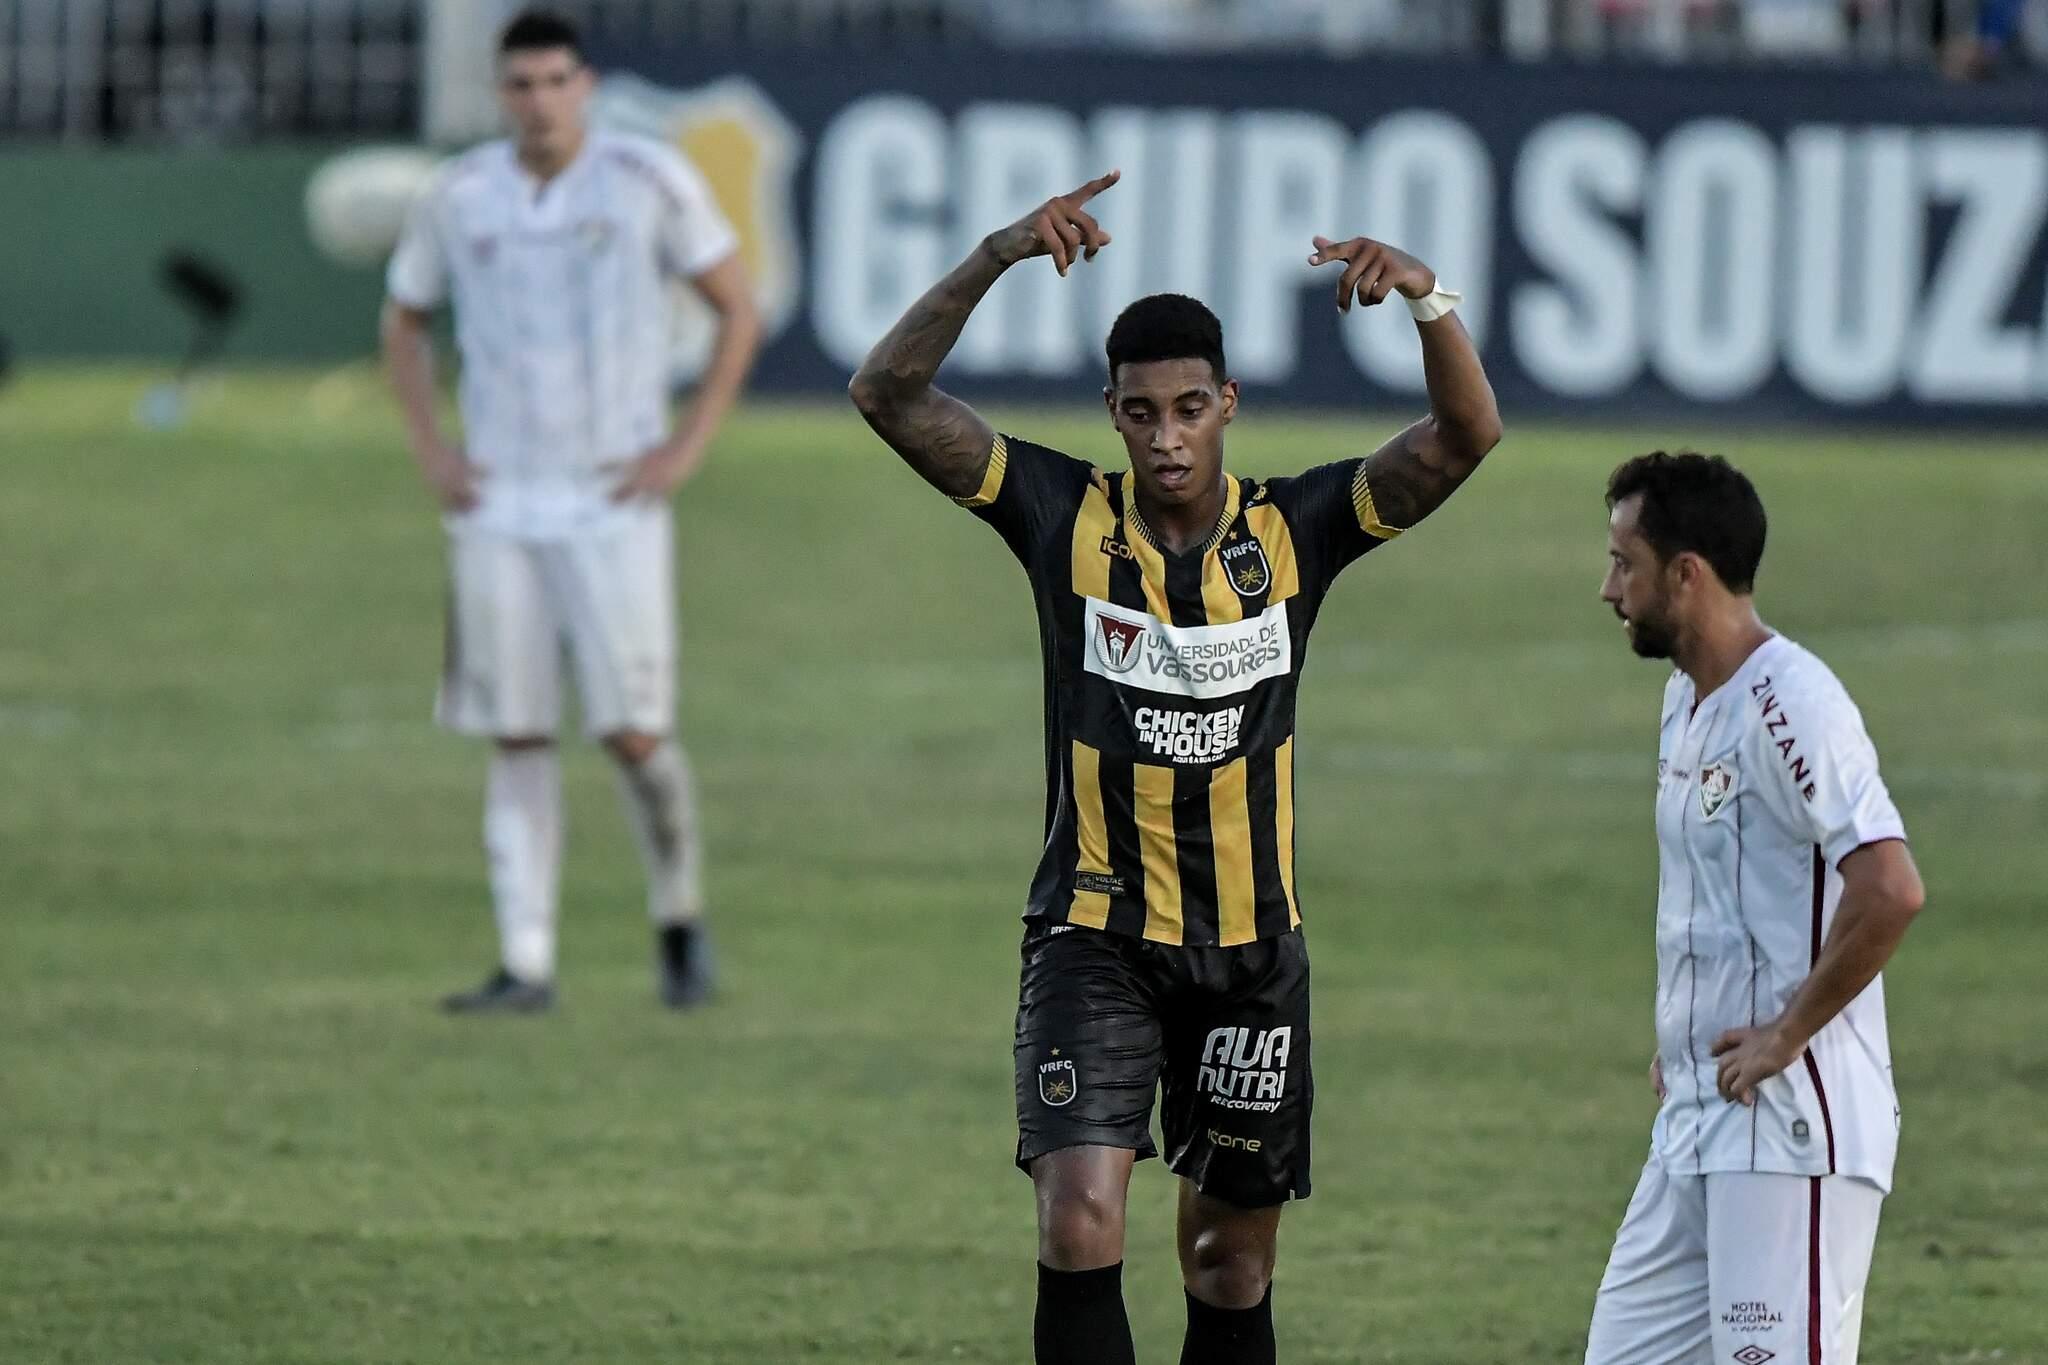 Alef Manga jogador do Volta Redonda comemora seu gol durante partida contra o Fluminense no estádio Elcyr Resende de Mendonça pelo campeonato Carioca 2021. (Foto: Estadão Conteúdo)